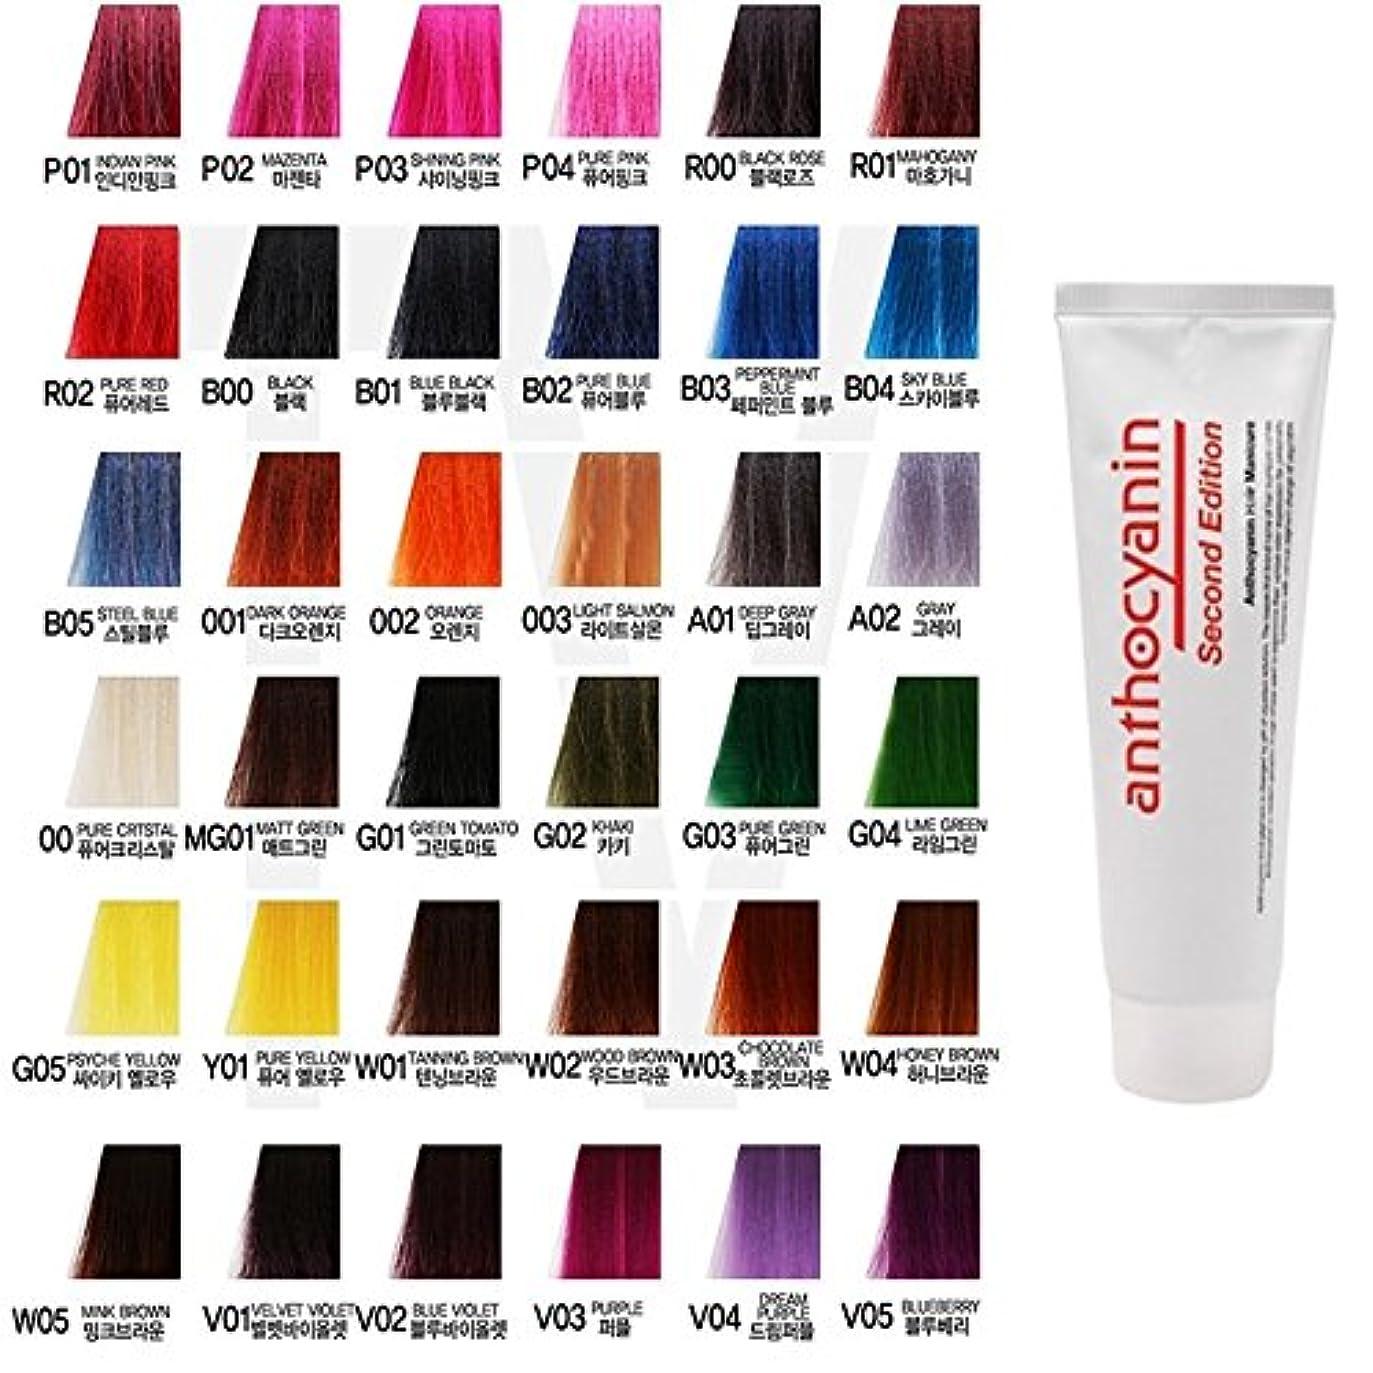 うめき声社会がんばり続けるヘア マニキュア カラー セカンド エディション 230g セミ パーマネント 染毛剤 ( Hair Manicure Color Second Edition 230g Semi Permanent Hair Dye) [並行輸入品] (WA03 Mud Brown)